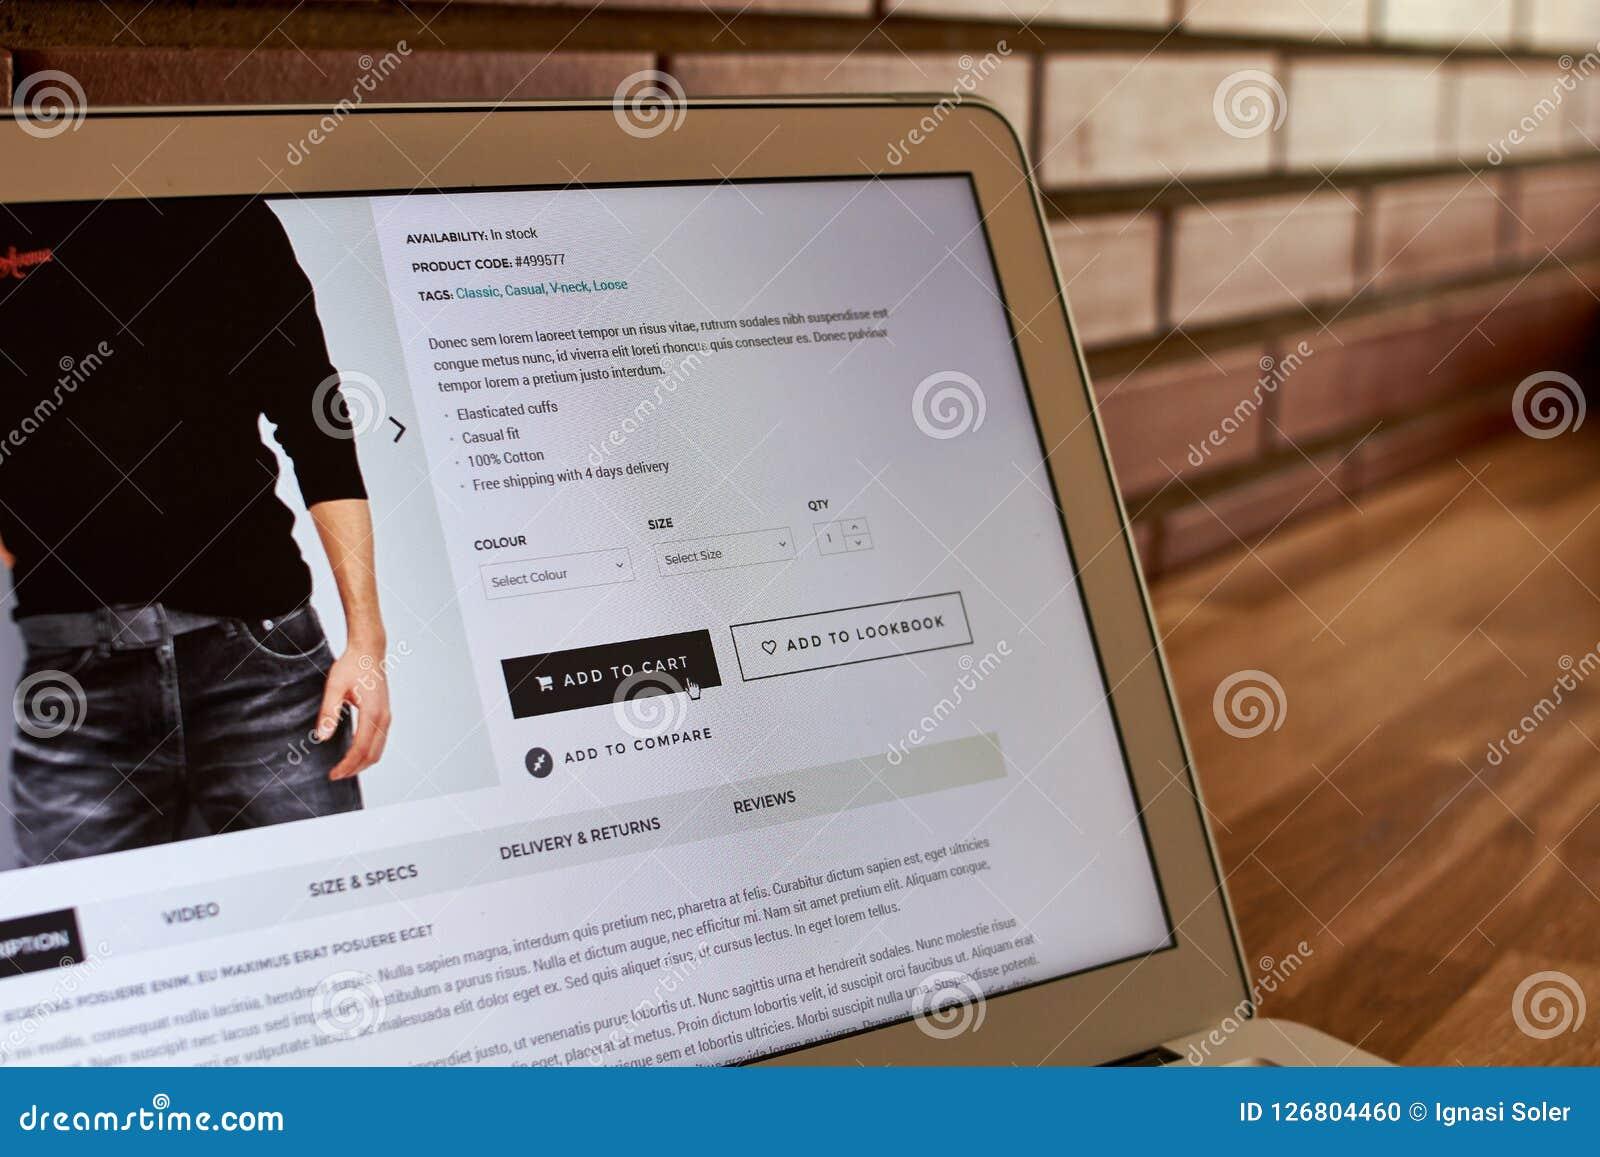 Online store buy screen